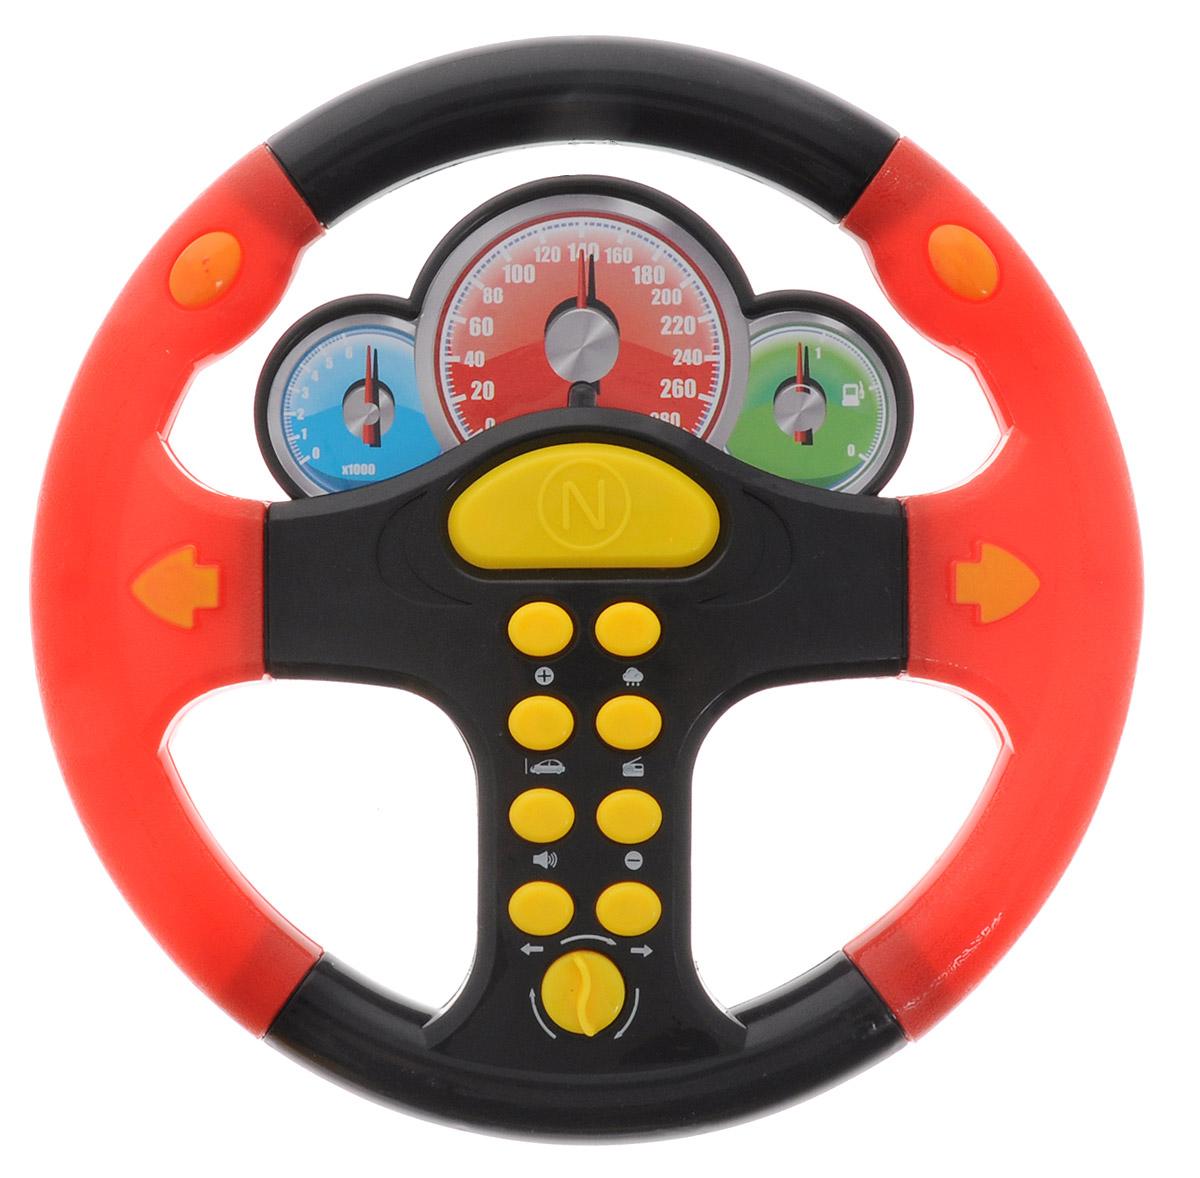 ABtoys Игрушечный музыкальный руль цвет черный красный abtoys игрушечный музыкальный руль цвет черный желтый красный